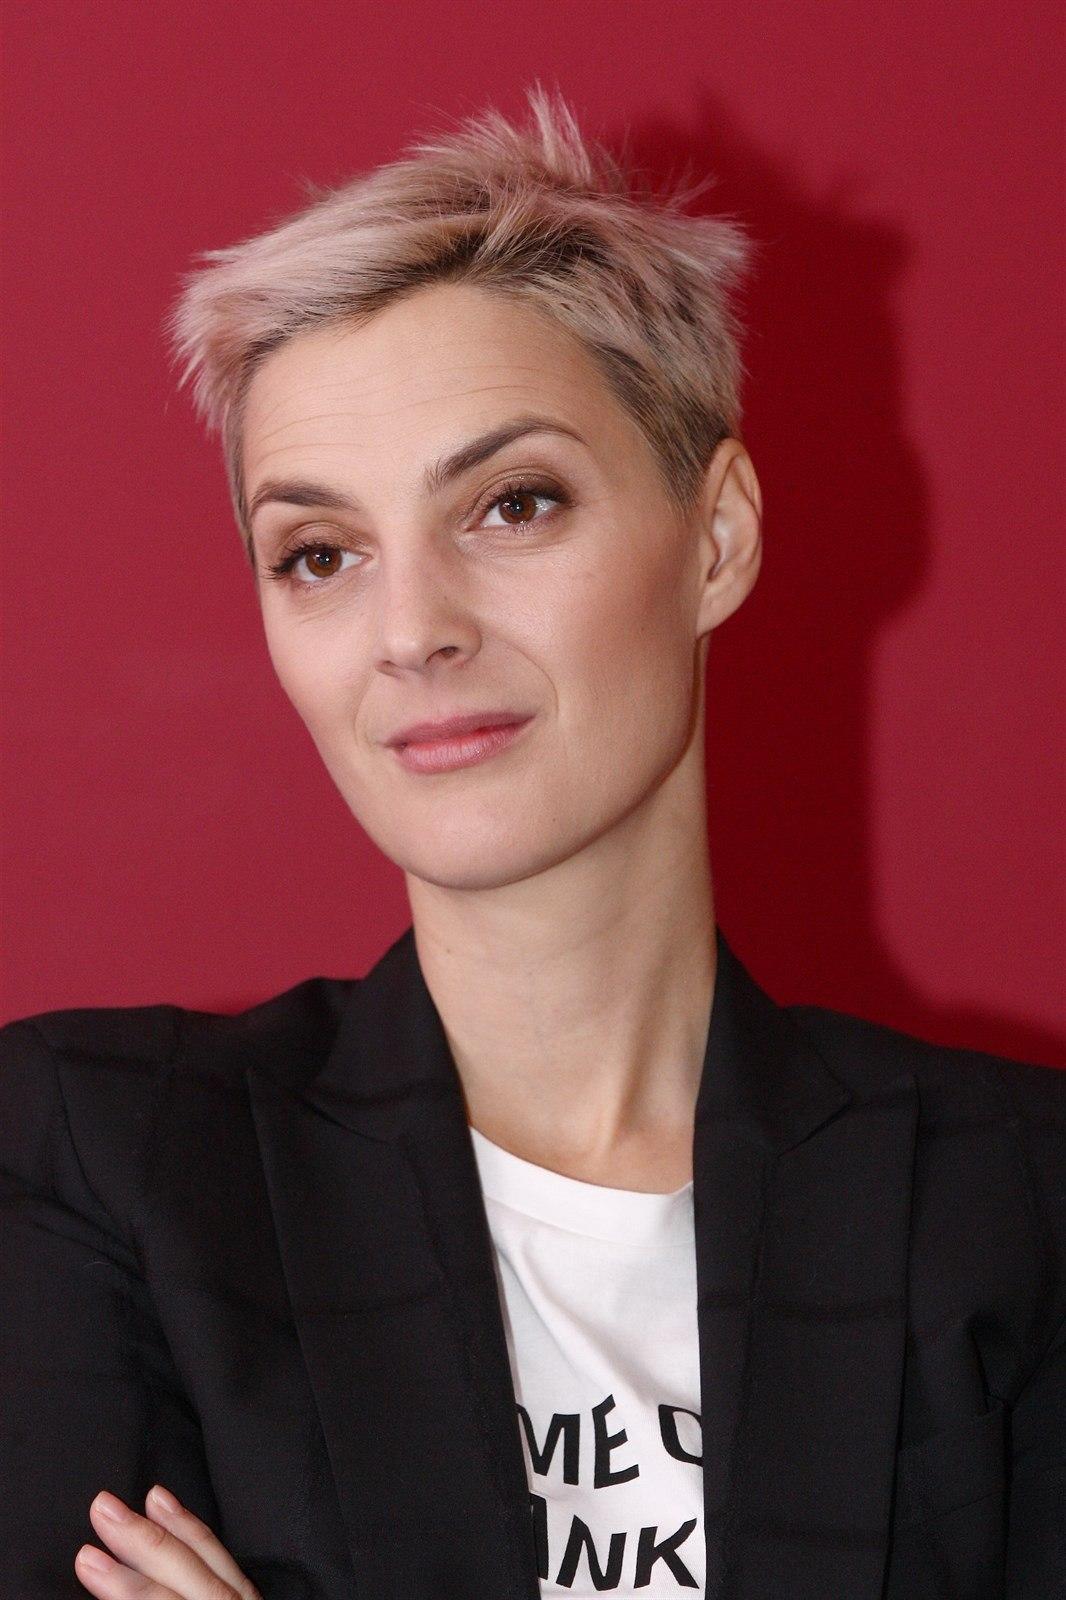 Barbora Polakova